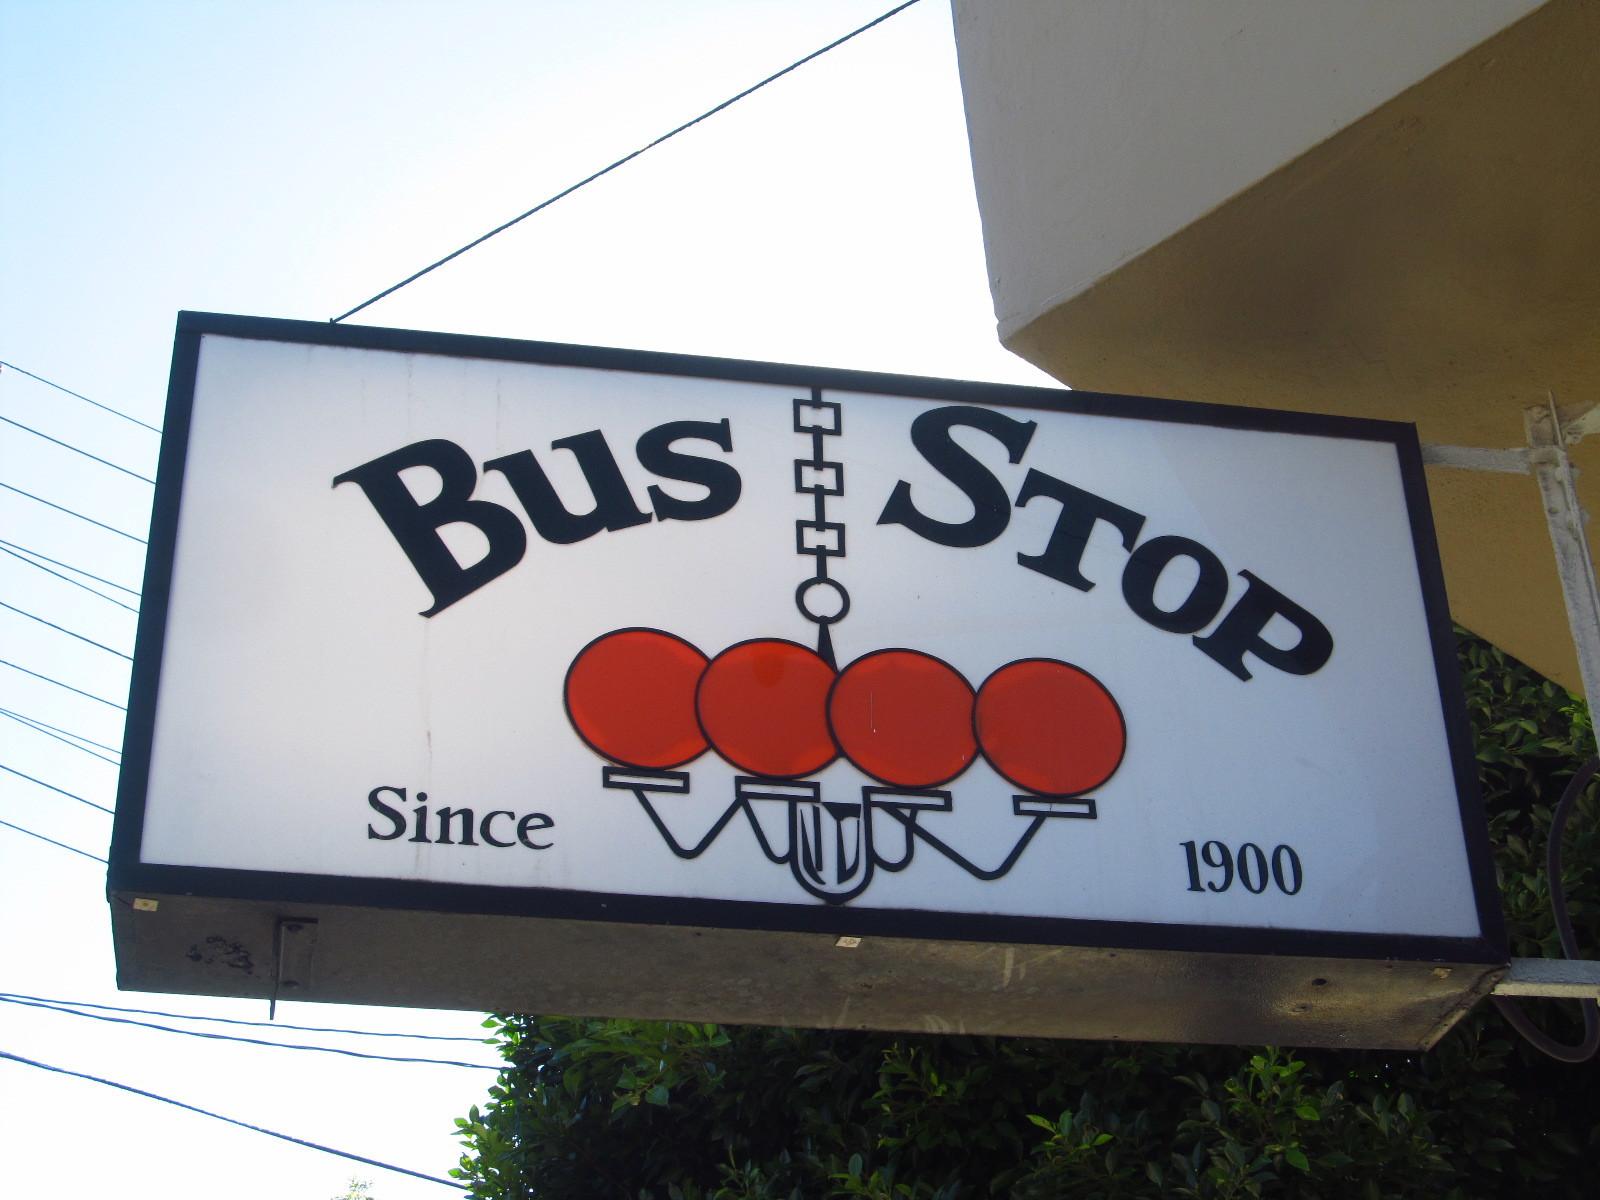 Bus Stop bar